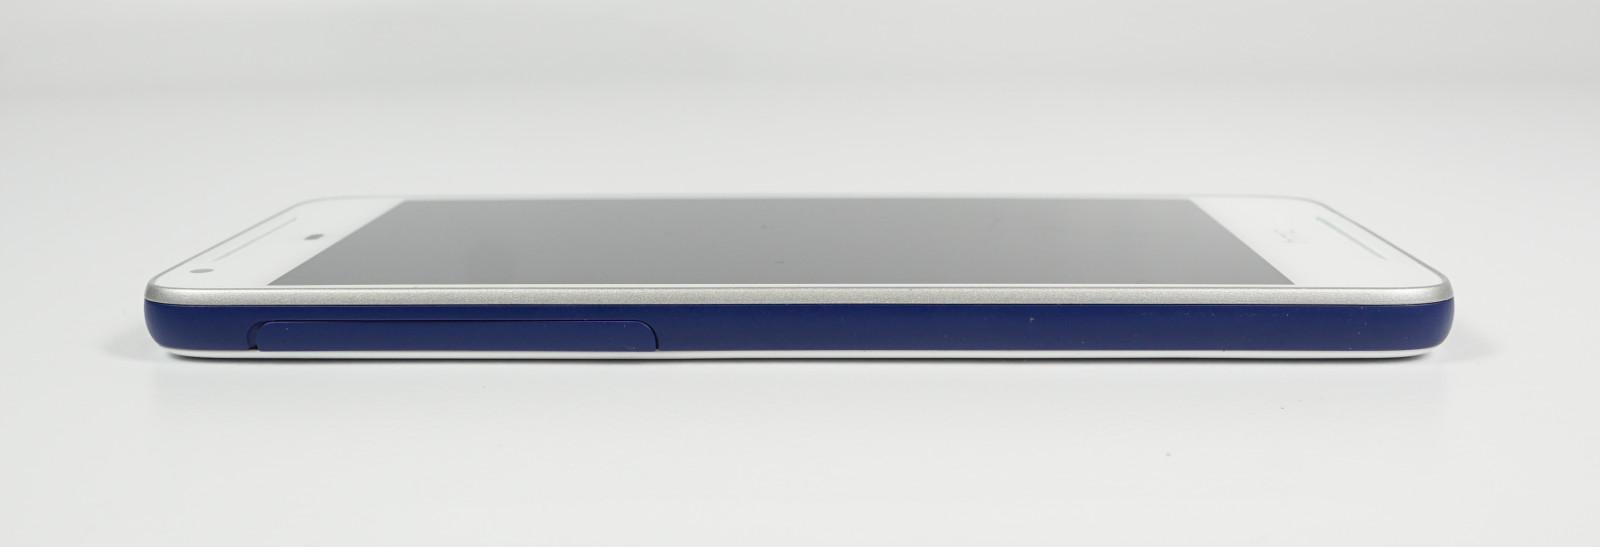 Test HTC Desire 628 Dual SIM: Mittelklasse-Smartphone mit ...